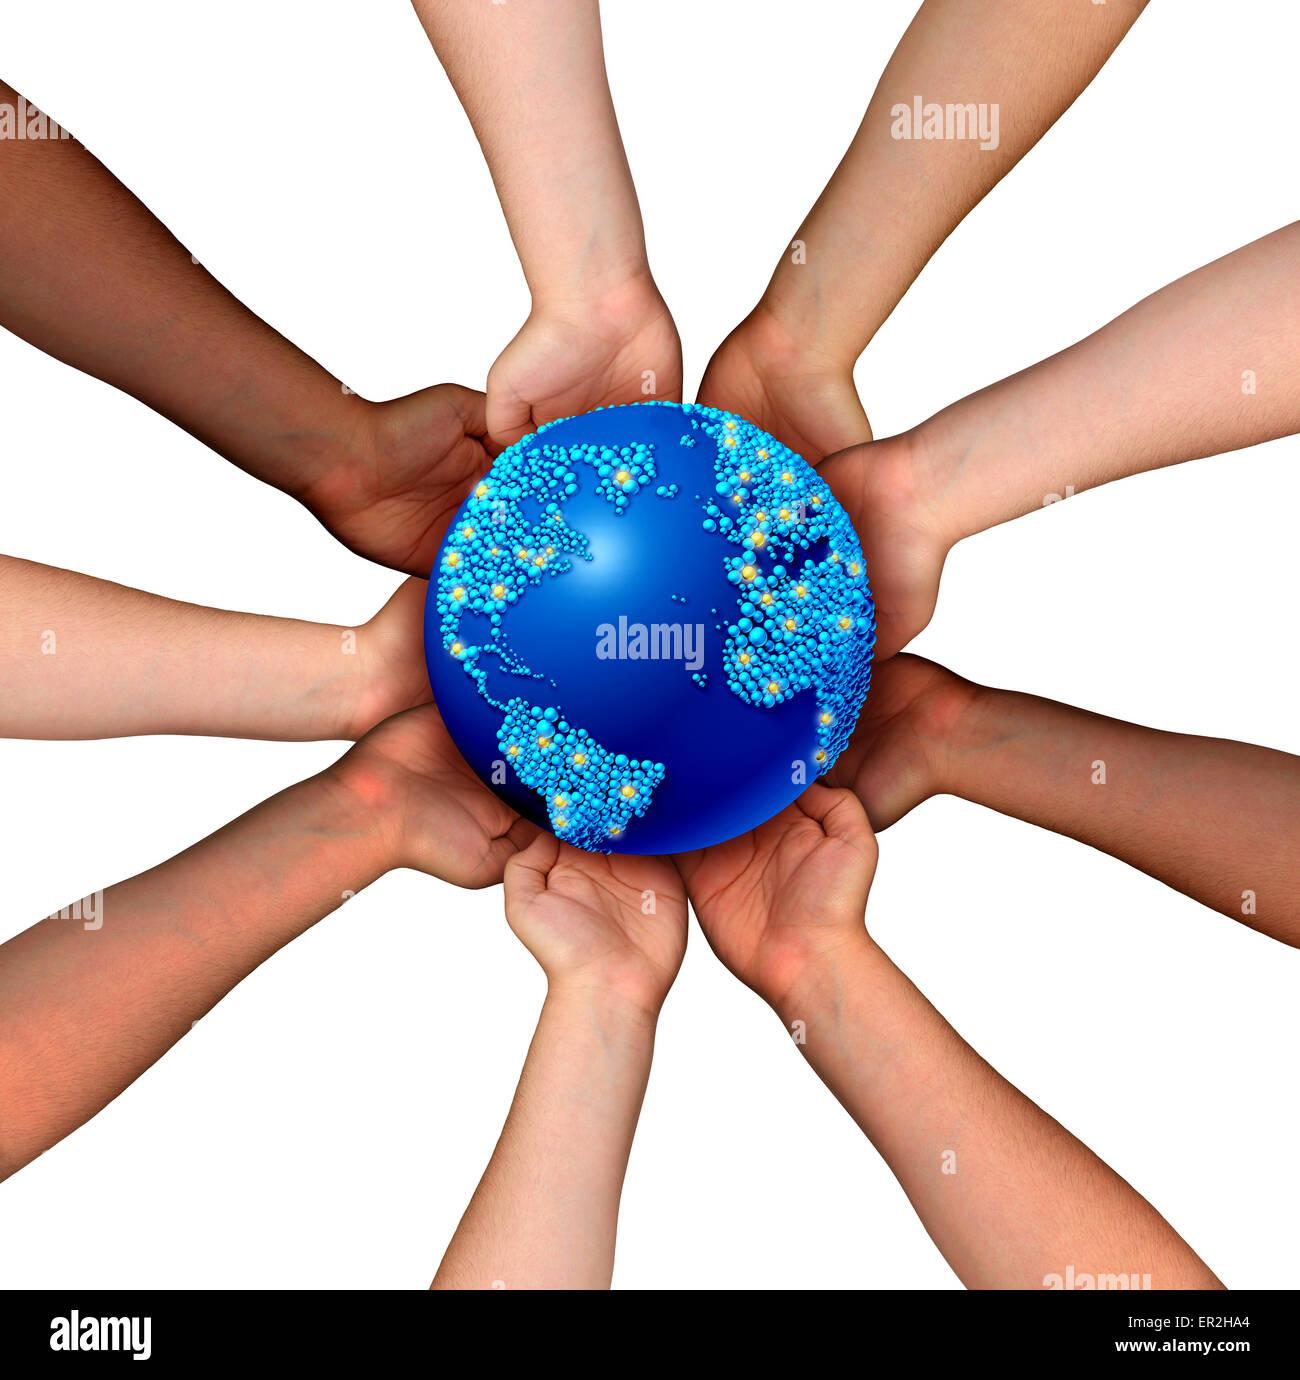 Collegamenti su scala globale e il concetto di globalizzazione come connesso alla rete aziendale della società Immagini Stock